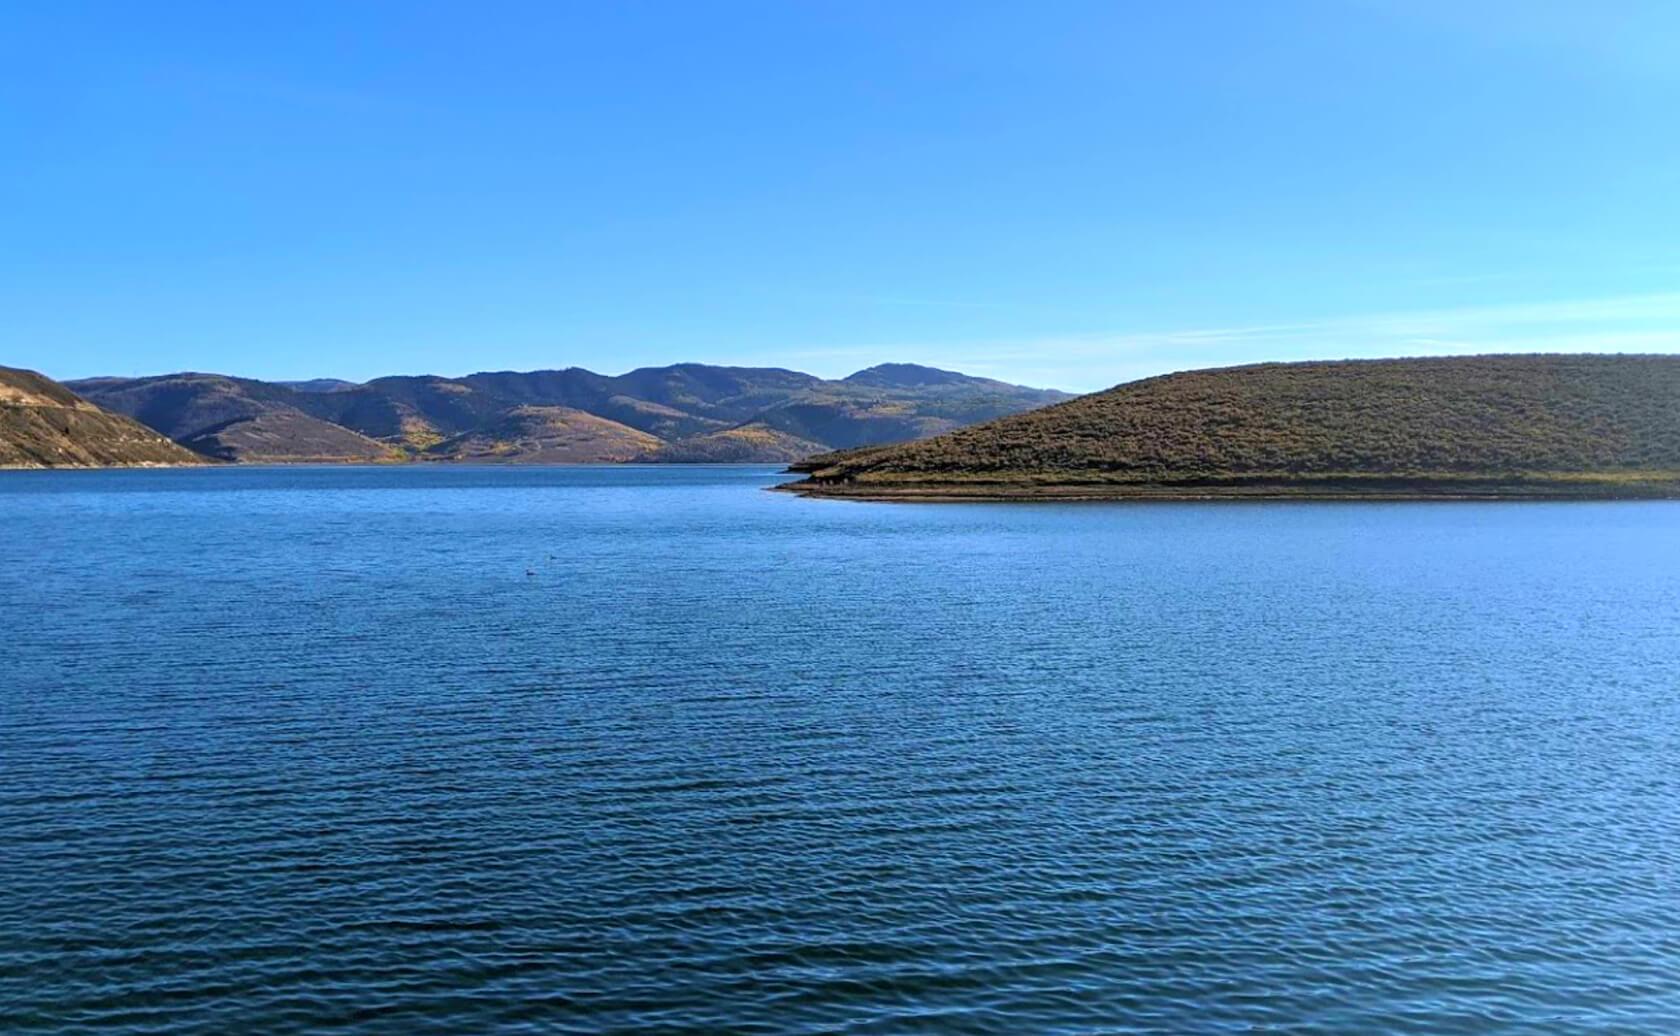 Strawberry-Lake-Fishing-Guide-Report-Utah-04